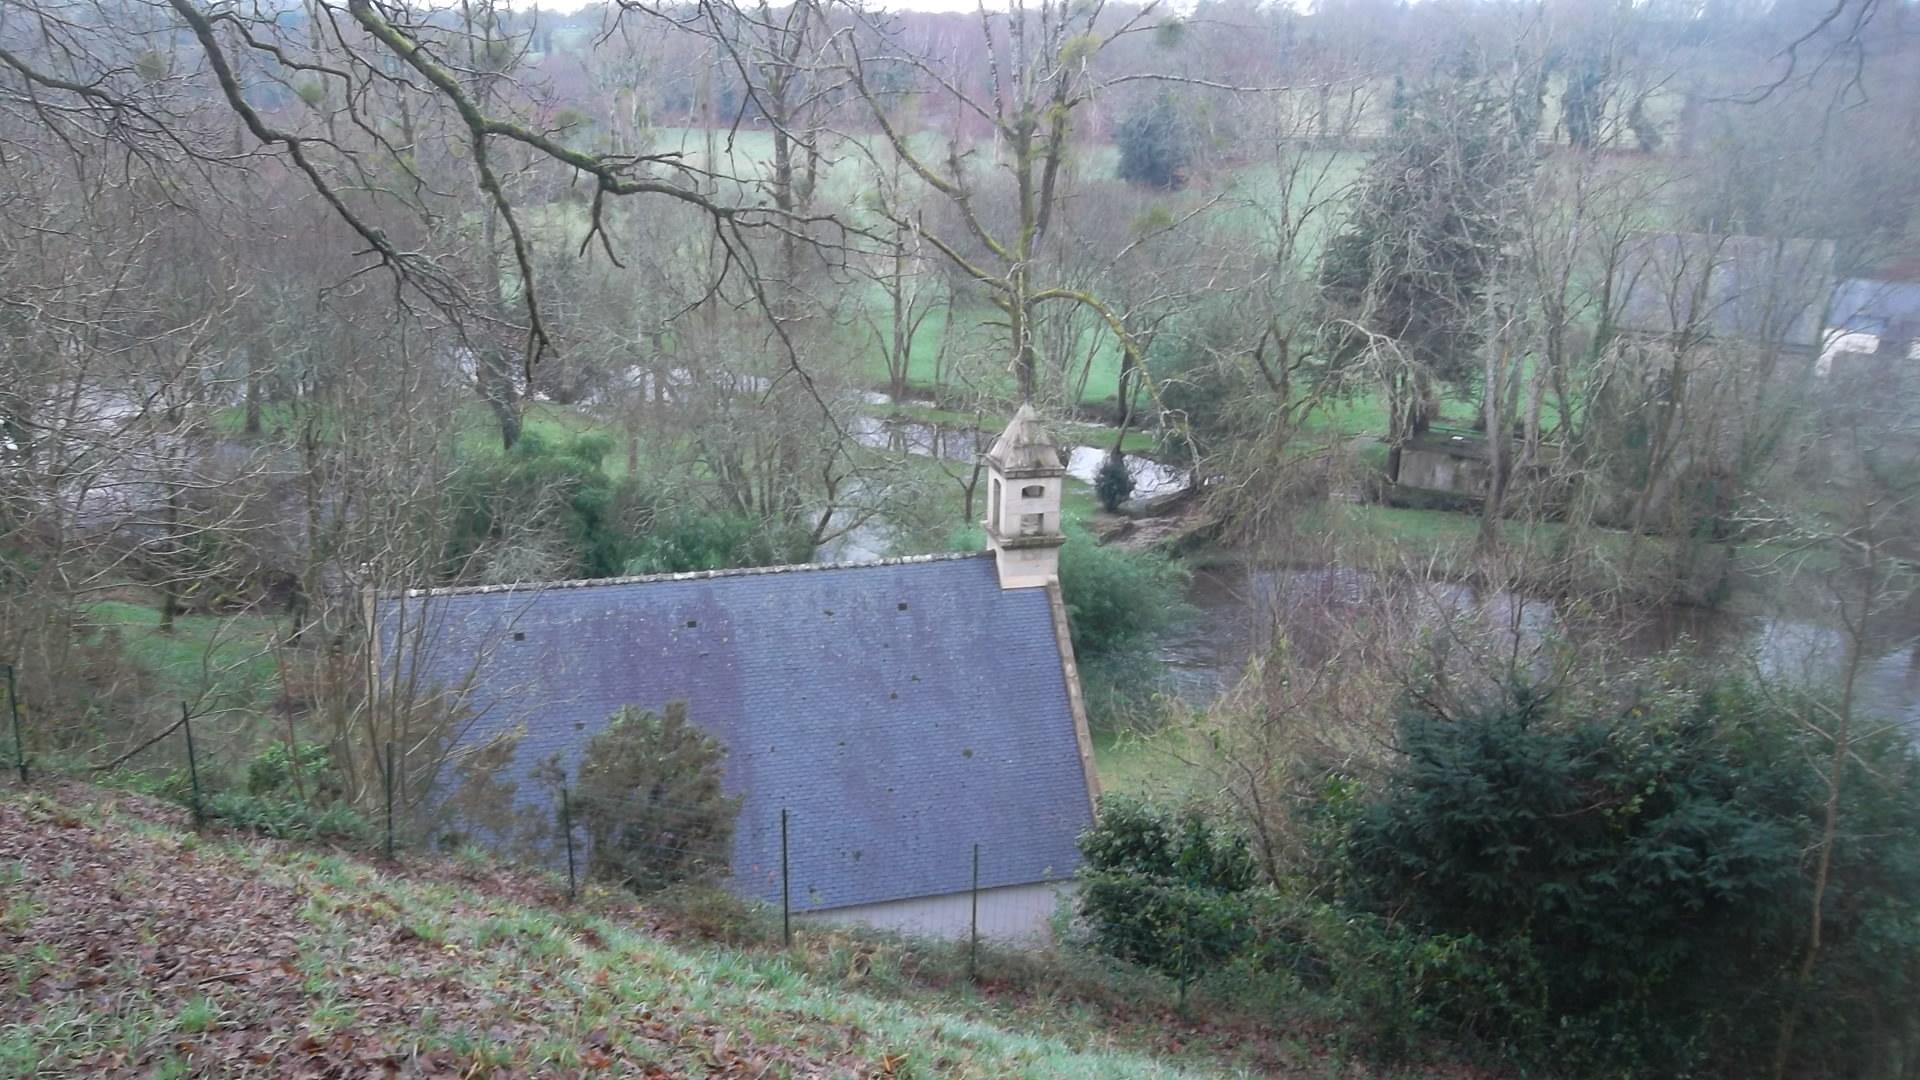 brandivy chapelle notre dame de lourdes jan14